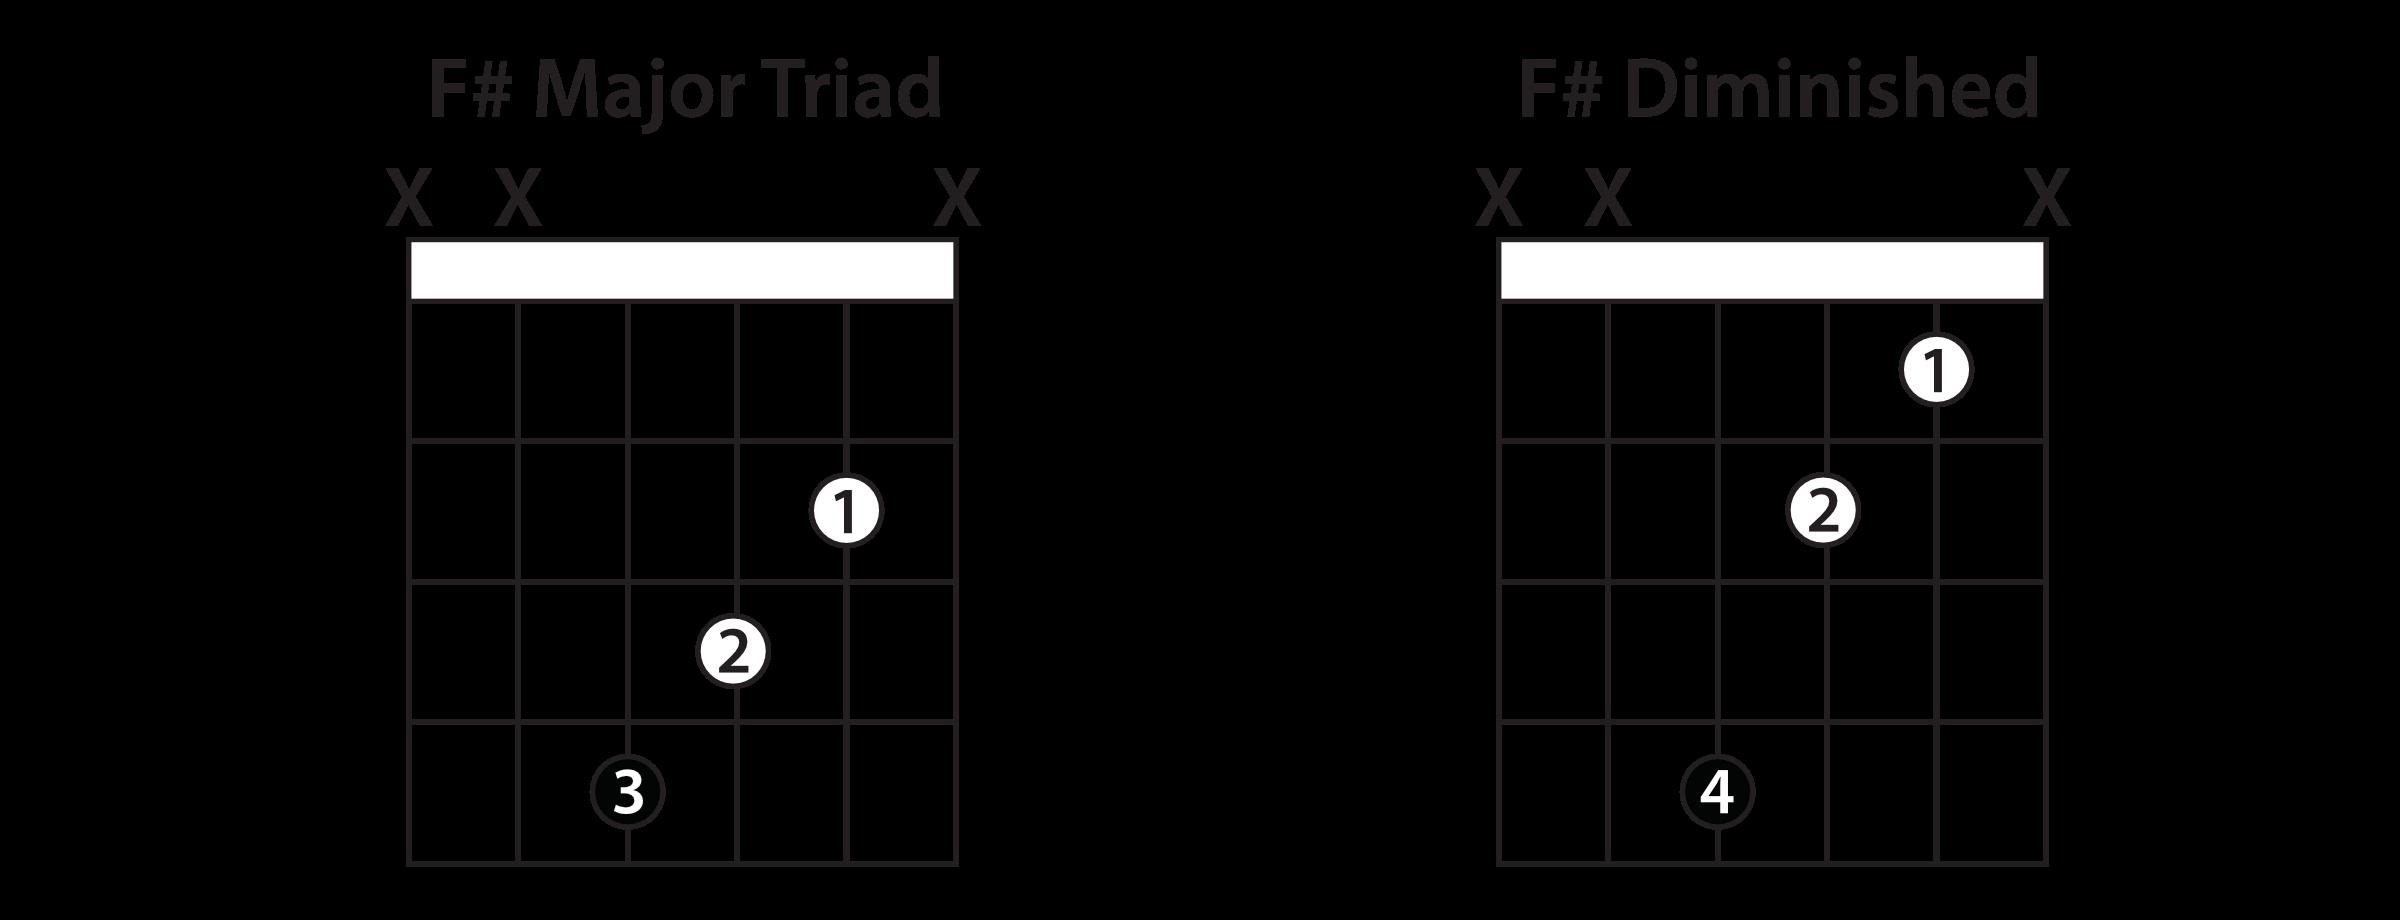 F# Guitar Chord Guitar Chords In A Major Key Guitar Lesson